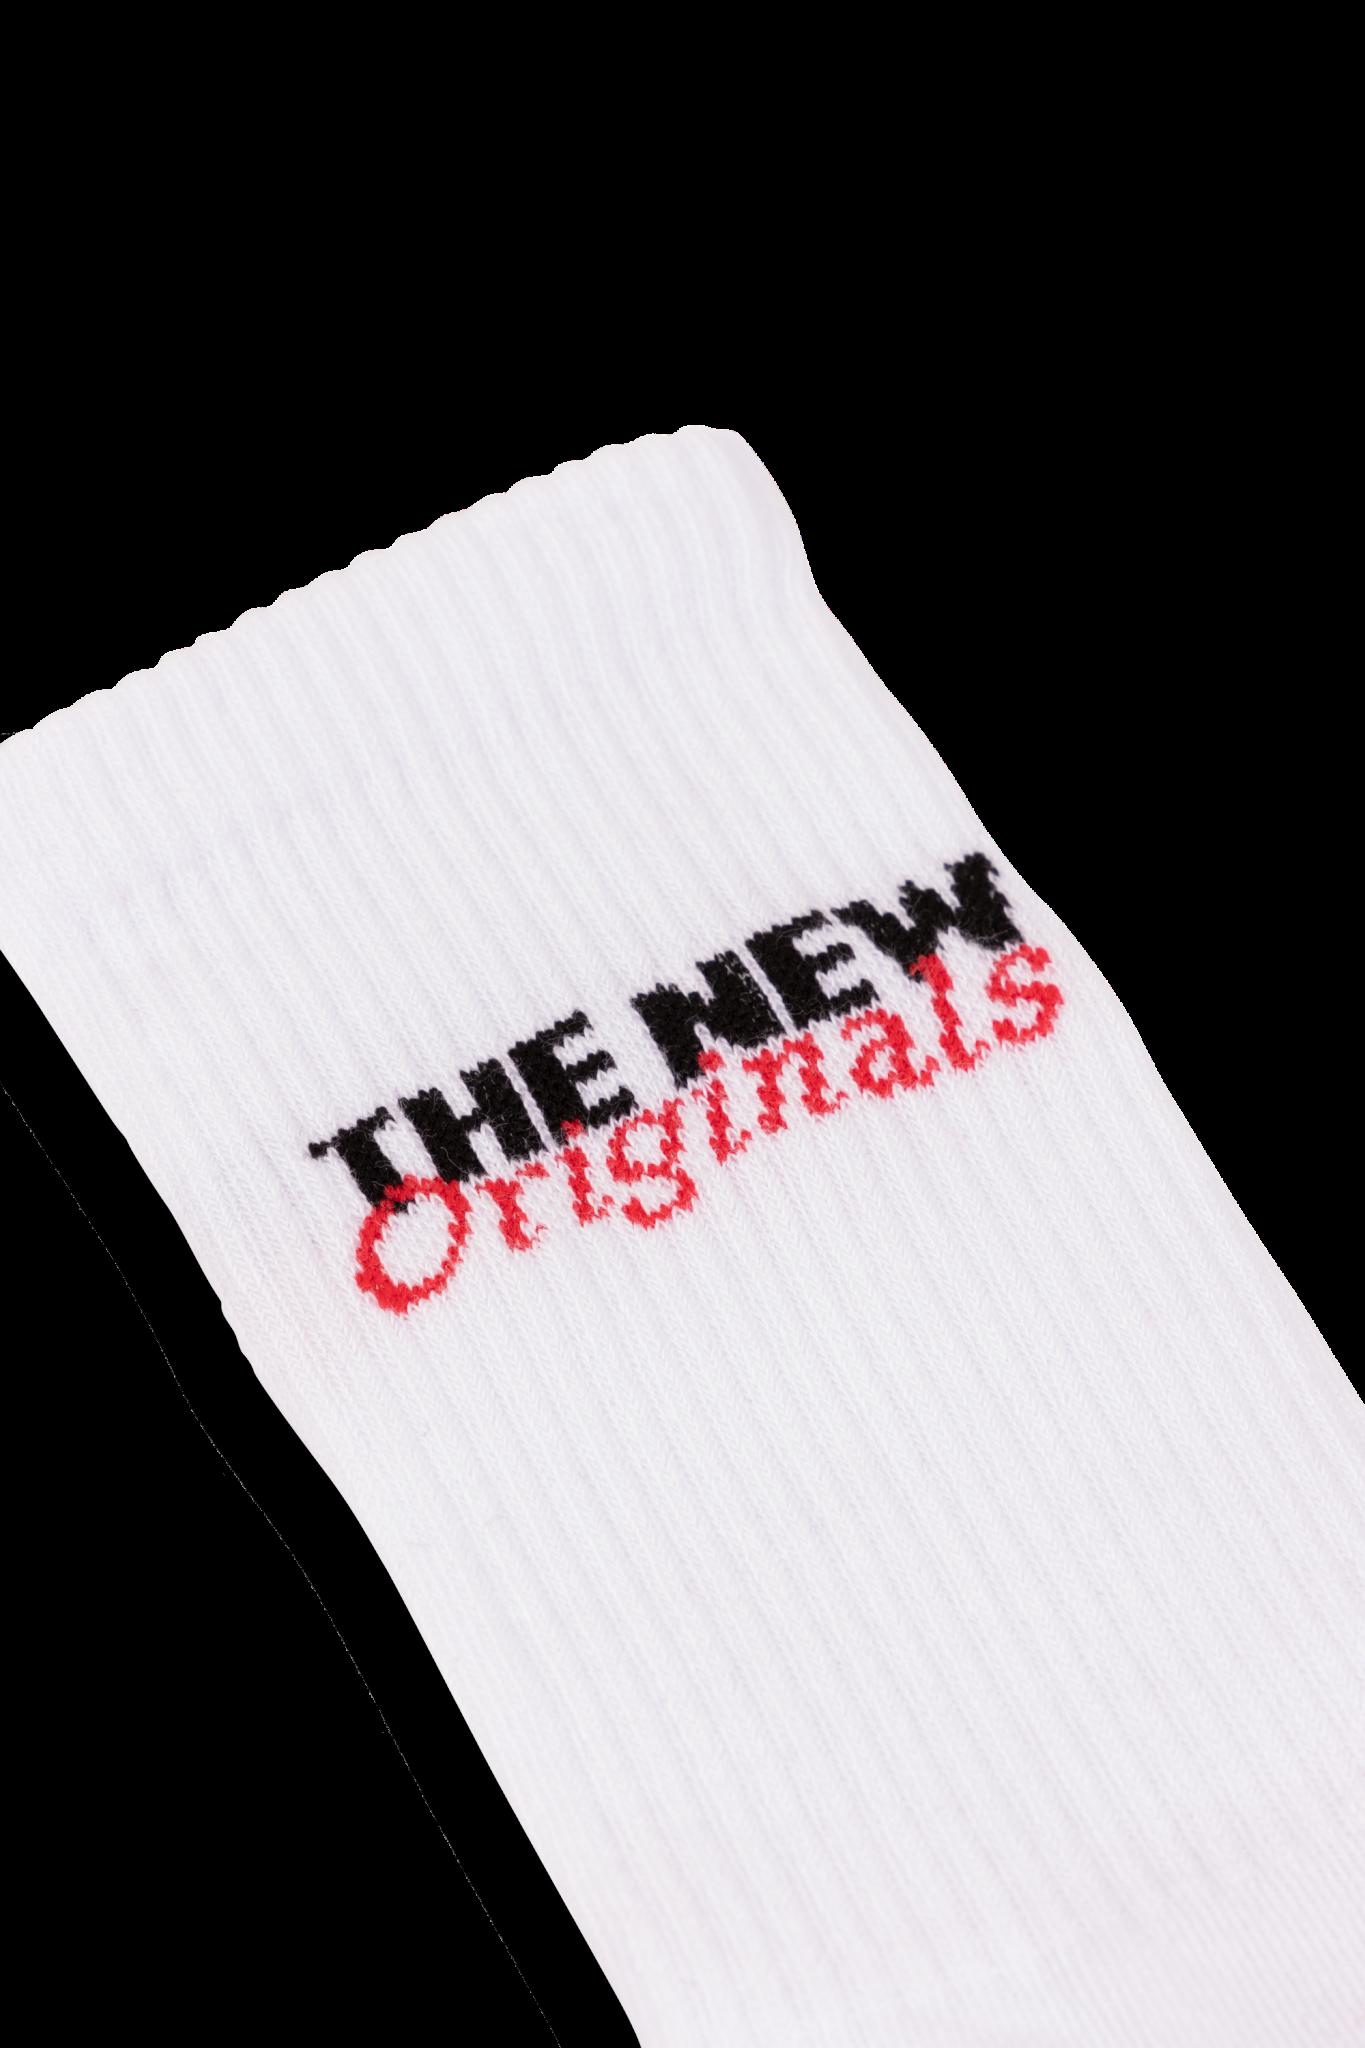 The New Originals The New Originals 'TRUCKS' socks